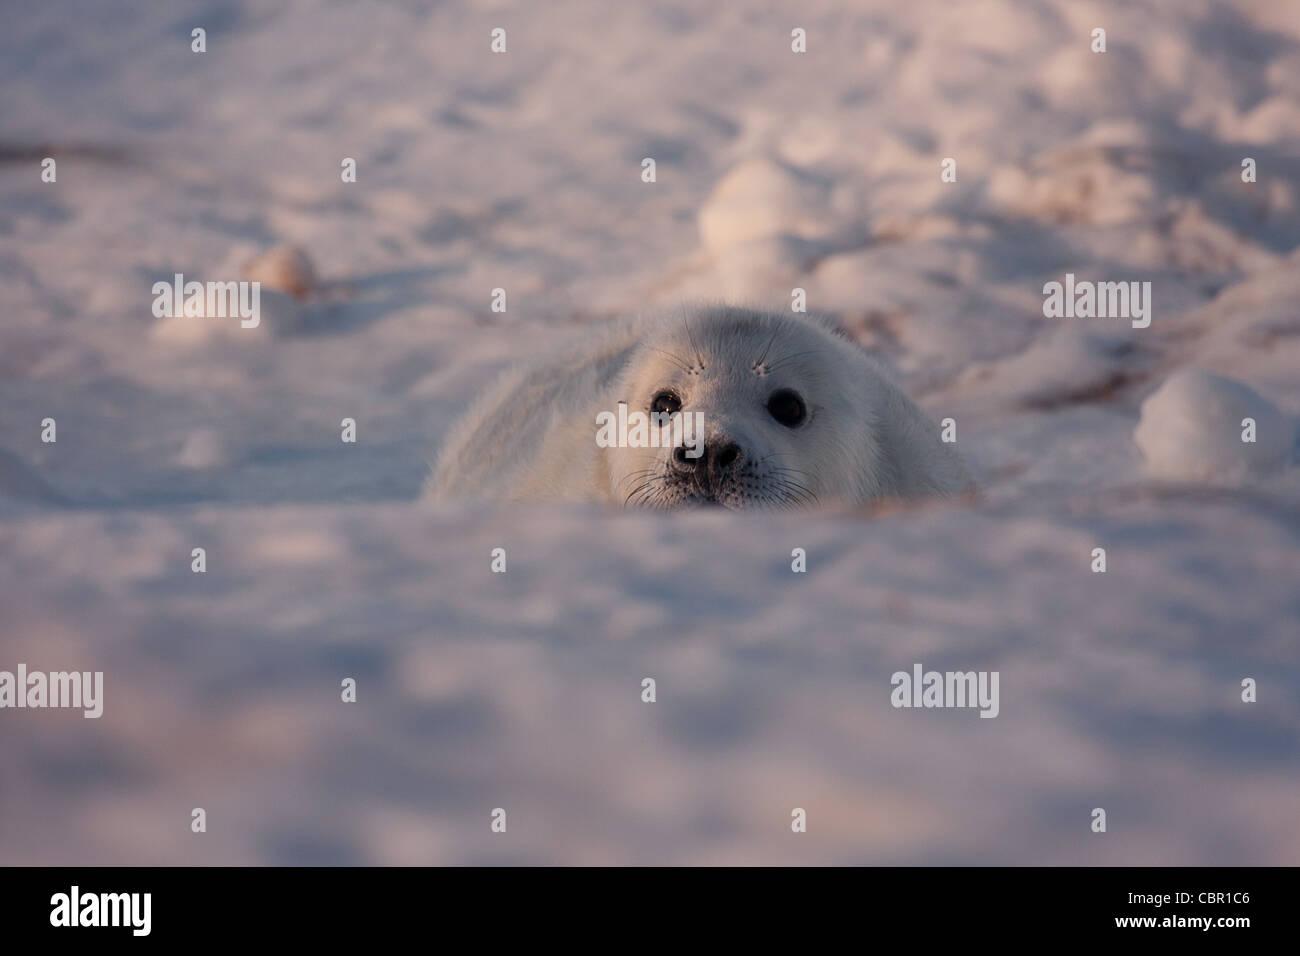 Seal pup at play - Stock Image